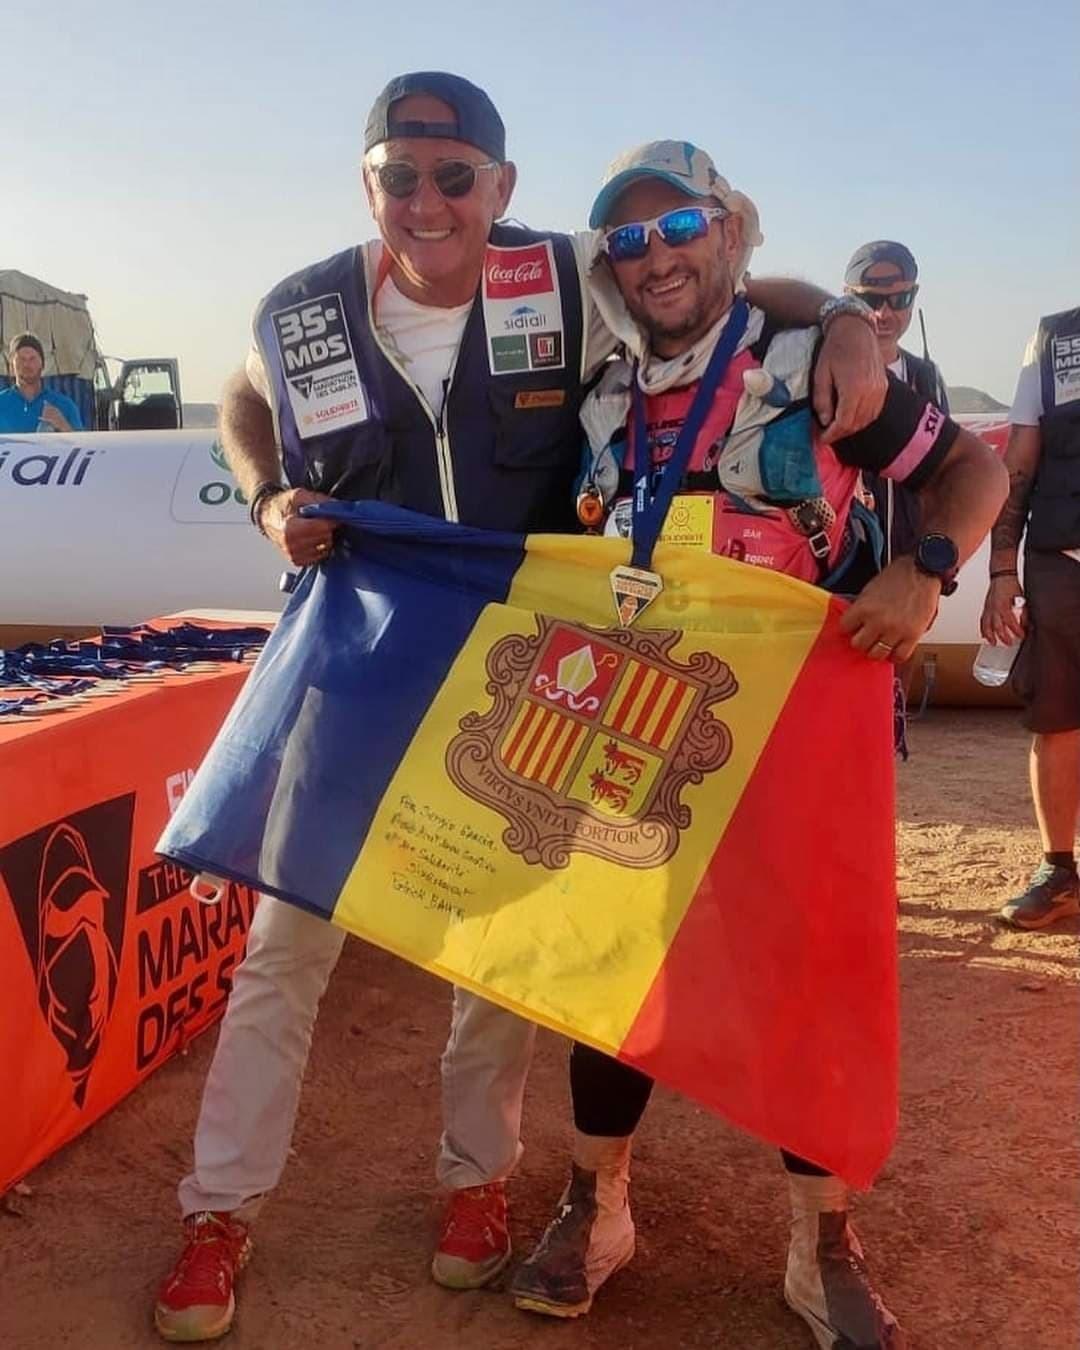 Sergio Gracia, al costat dret de la imatge, amb Patrick Bauer director de la prova. Foto: Facebook Sergio Gracia